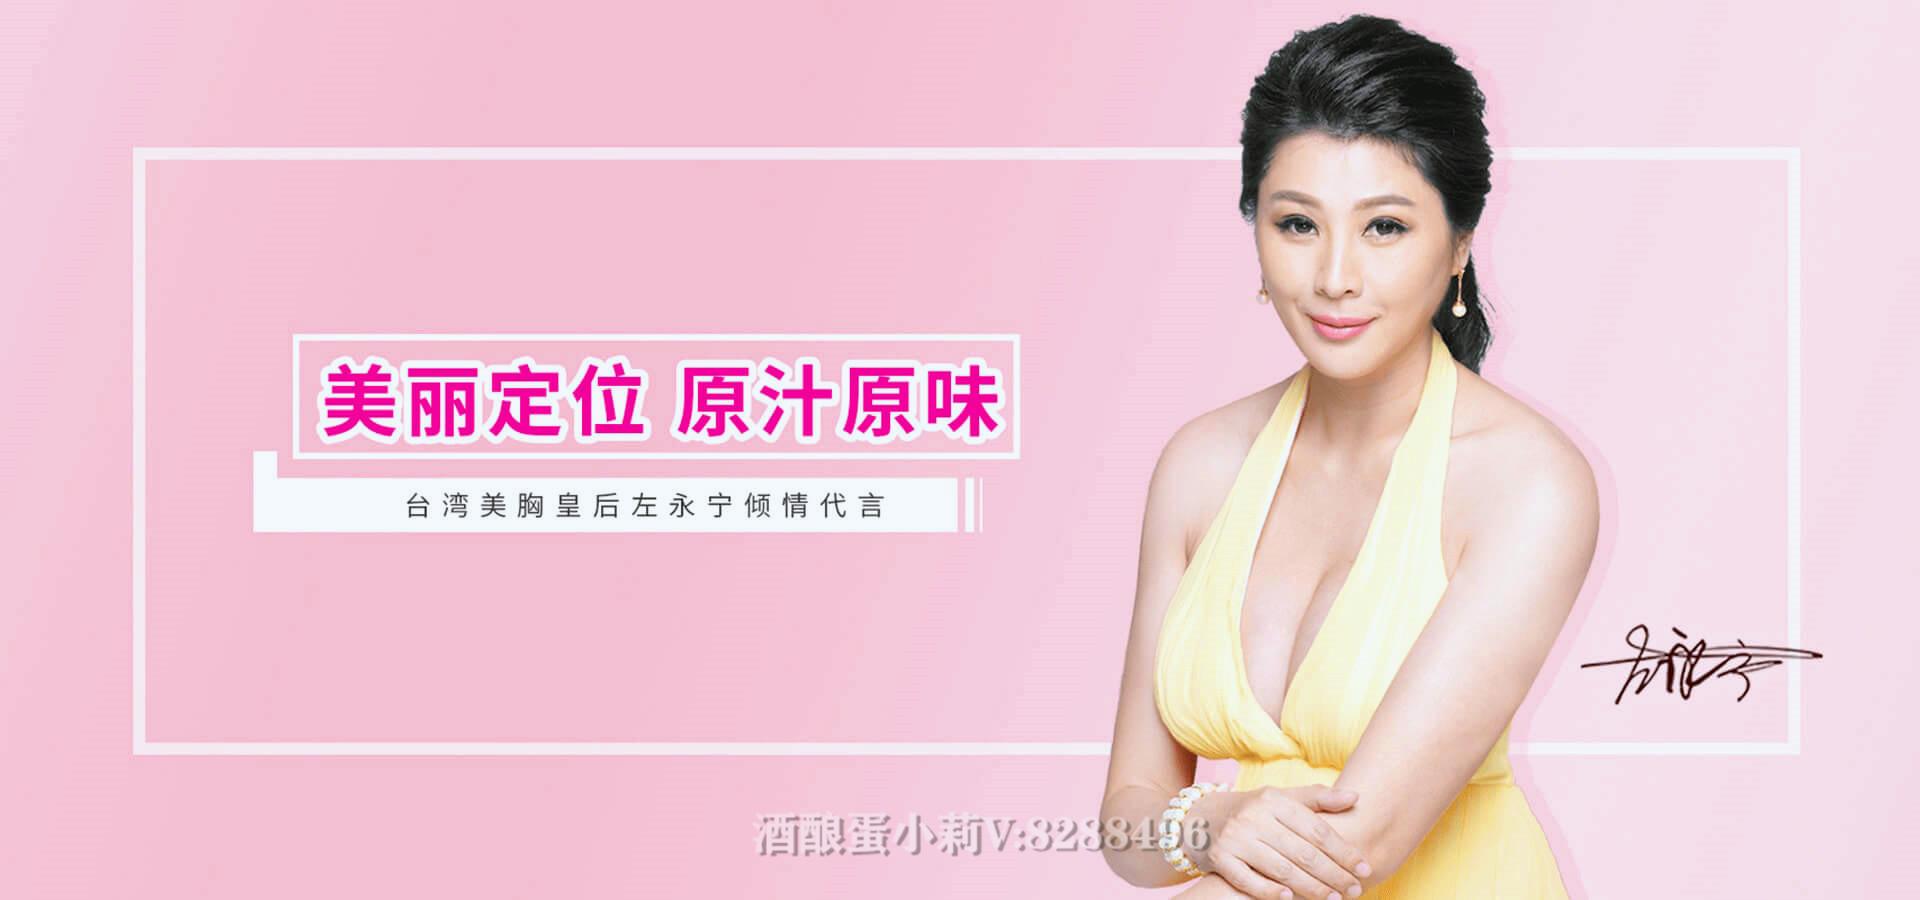 刘燕酿制嫩公主酒酿蛋是一款美胸自然产品,极易吸收